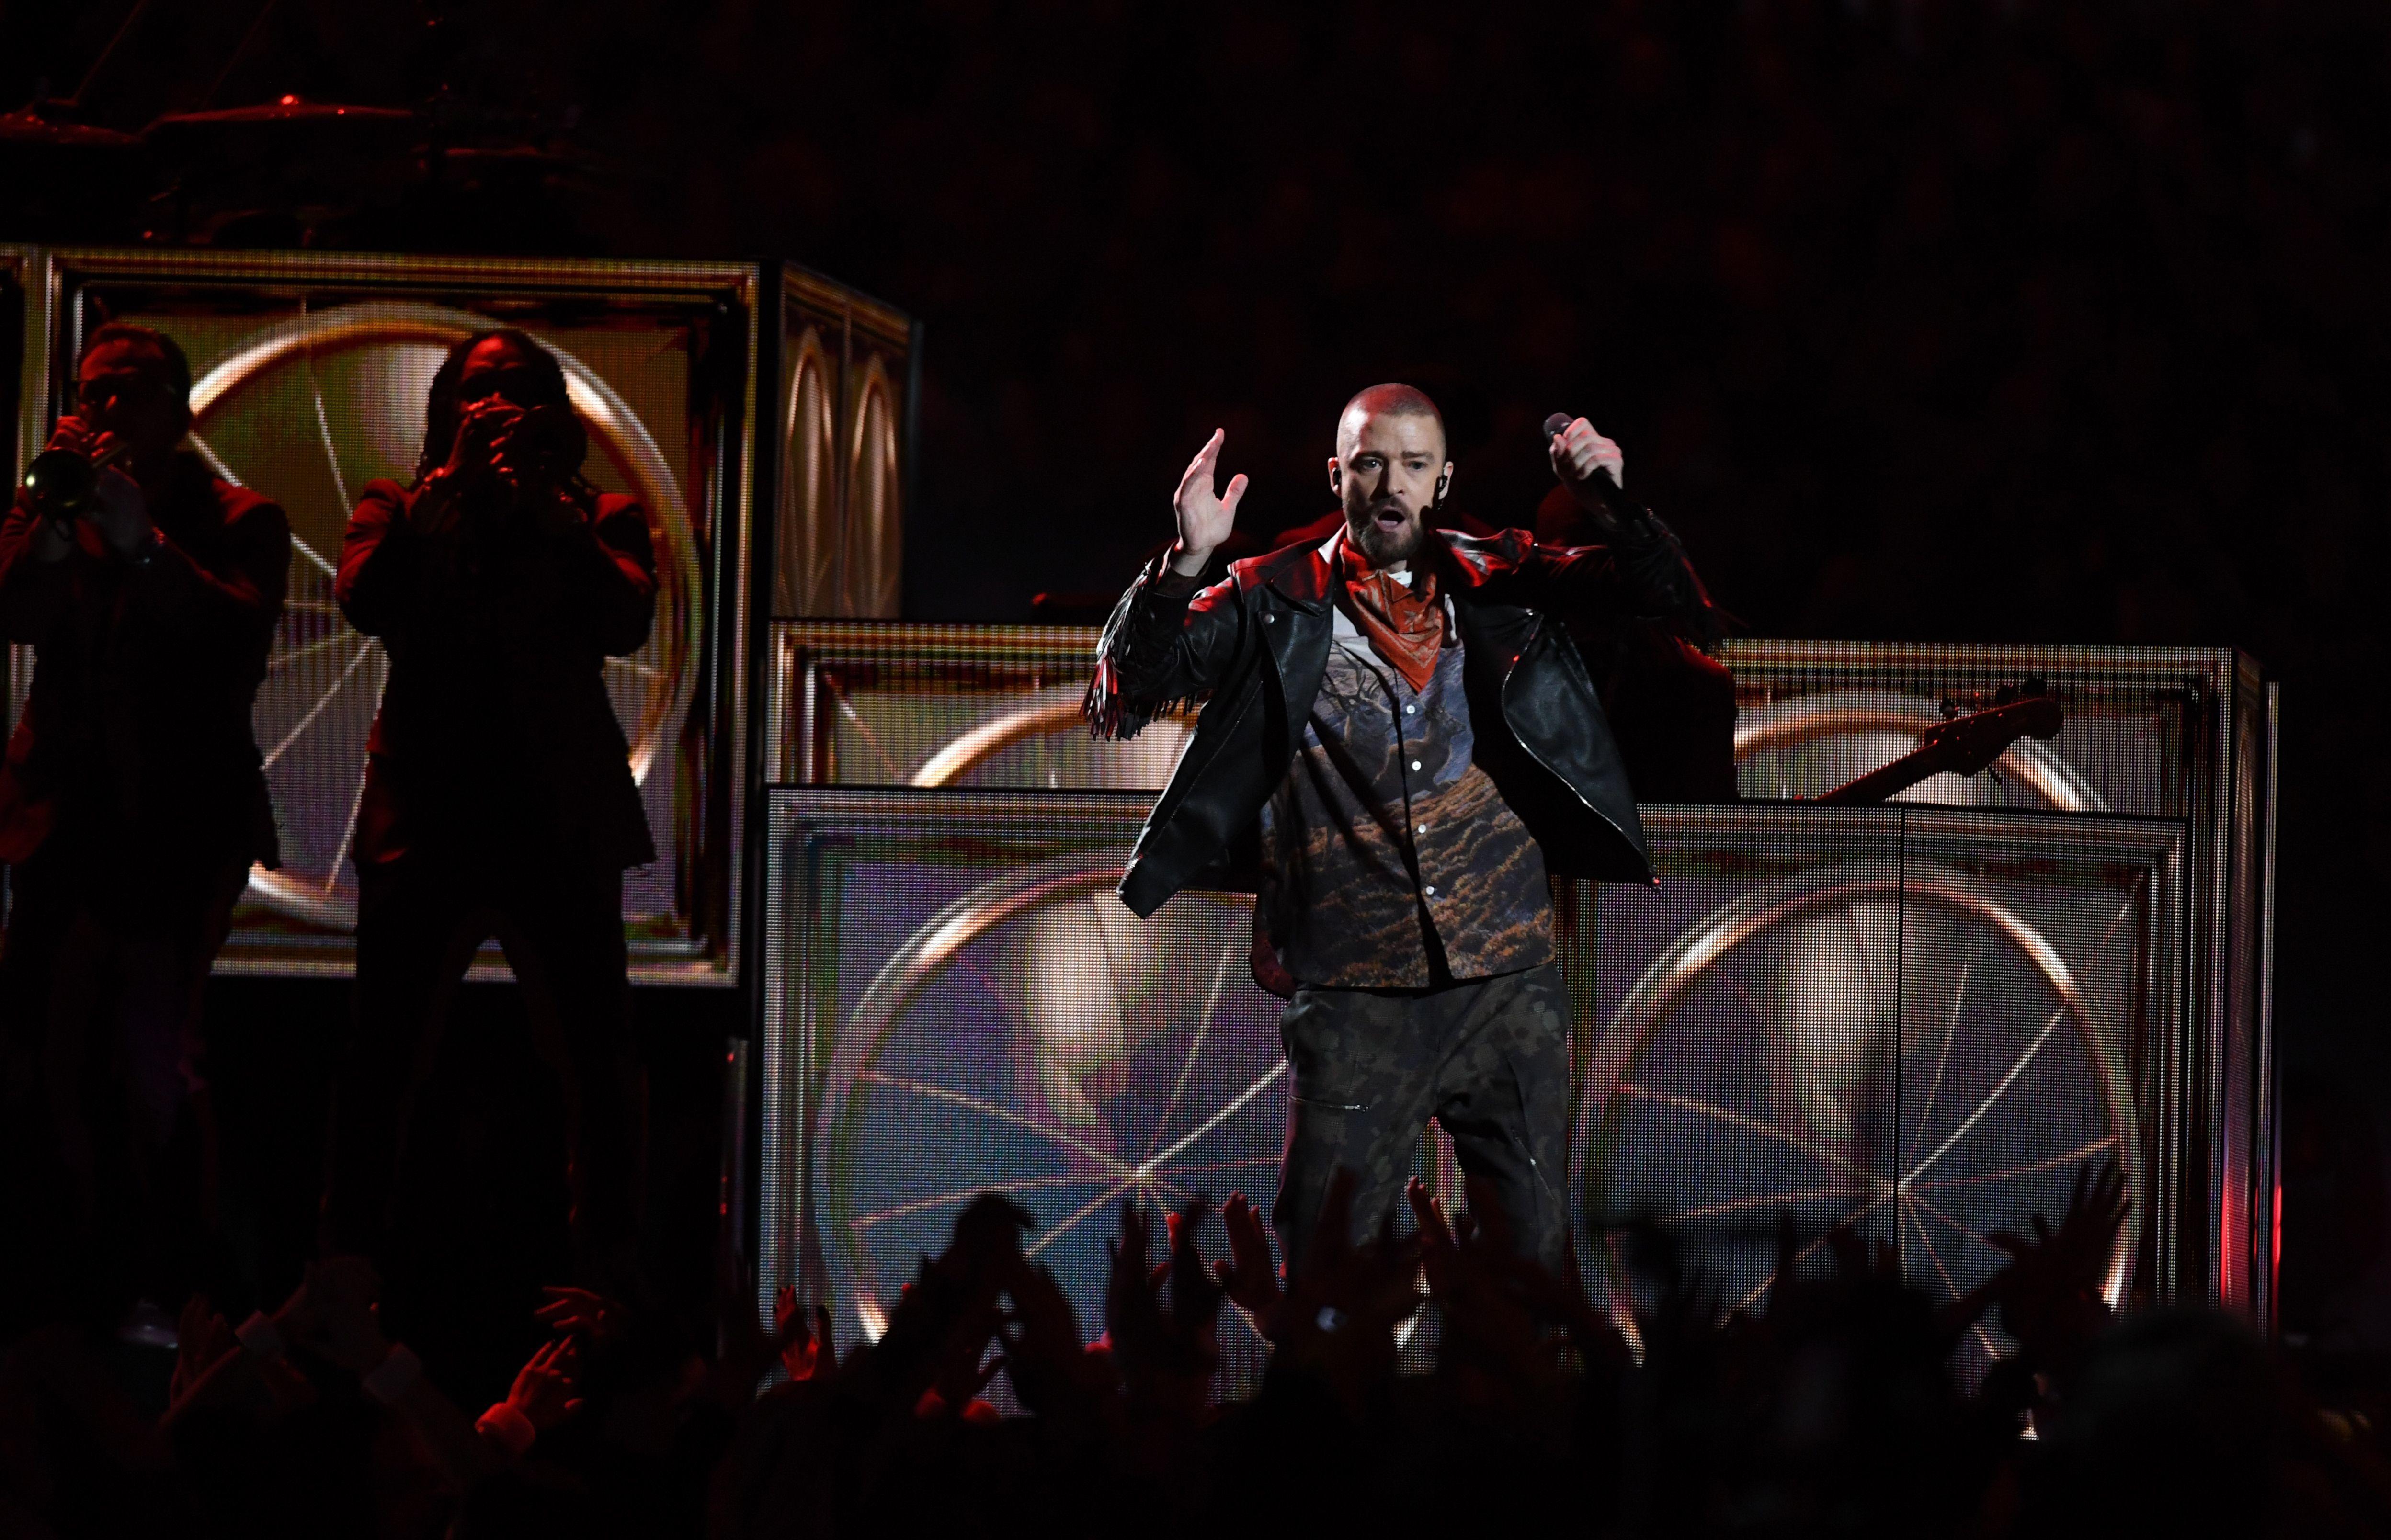 Justin Timberlake explains his Super Bowl Prince tribute